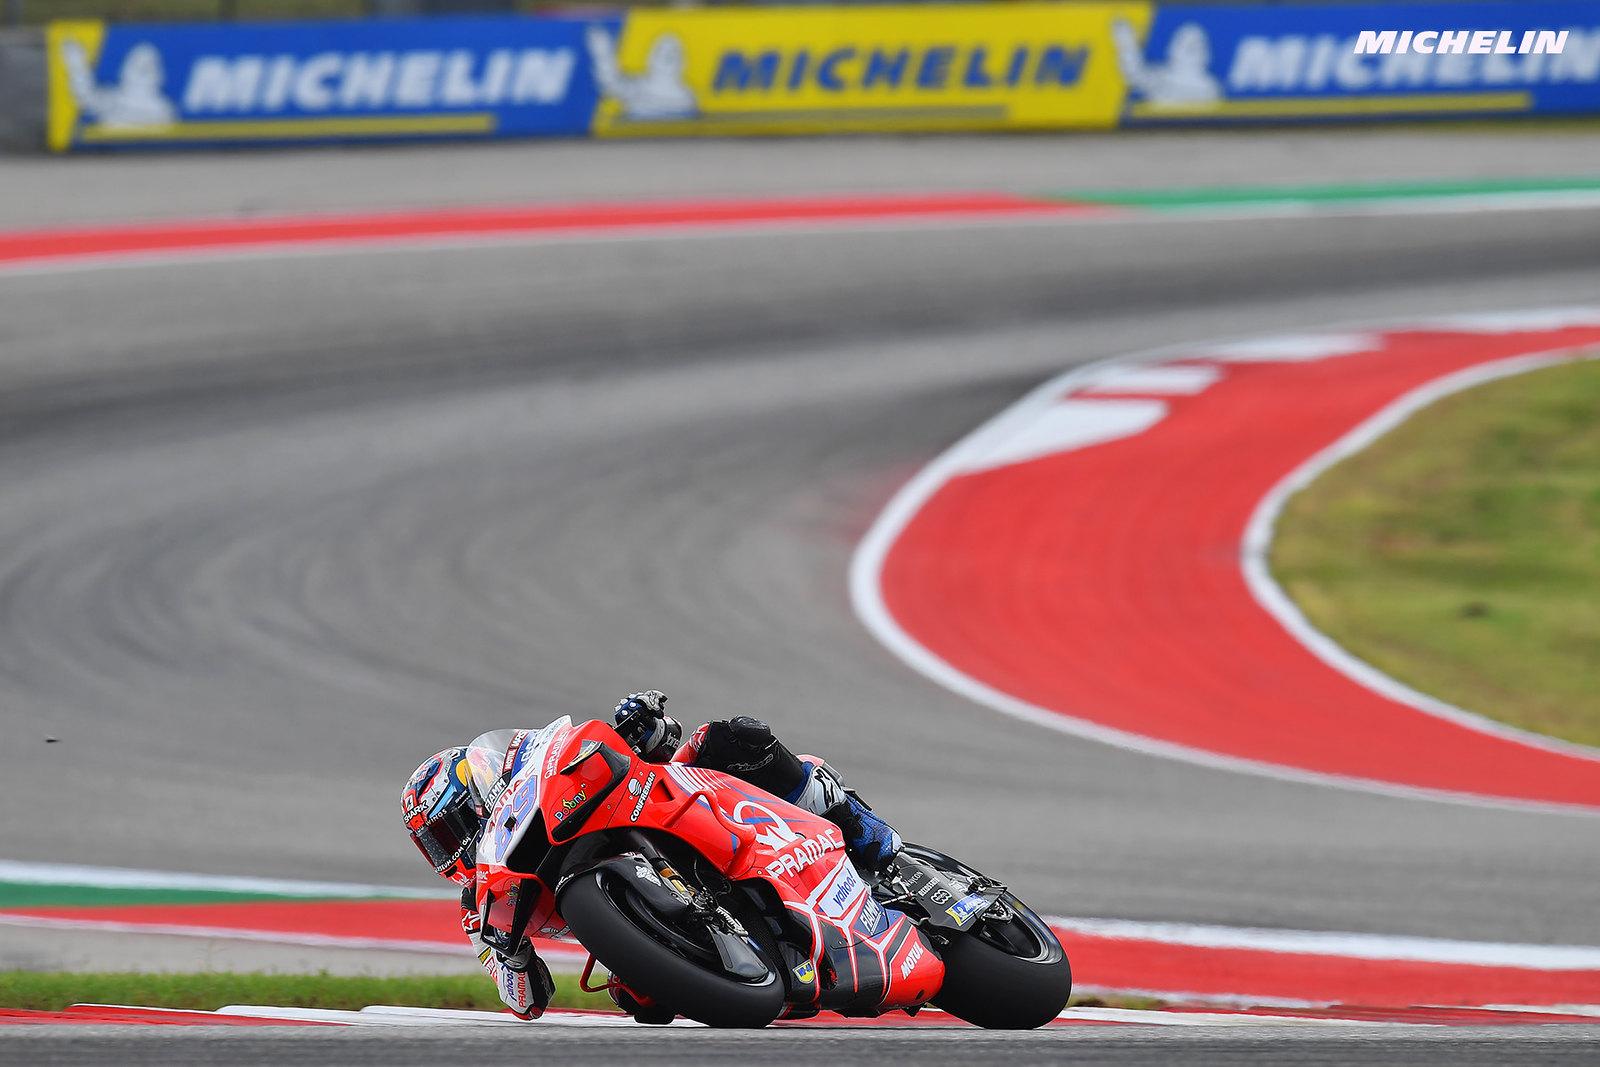 MotoGP2021アメリカズGP 予選4位ホルヘ・マルティン「2列目フィニッシュは予想していなかった」